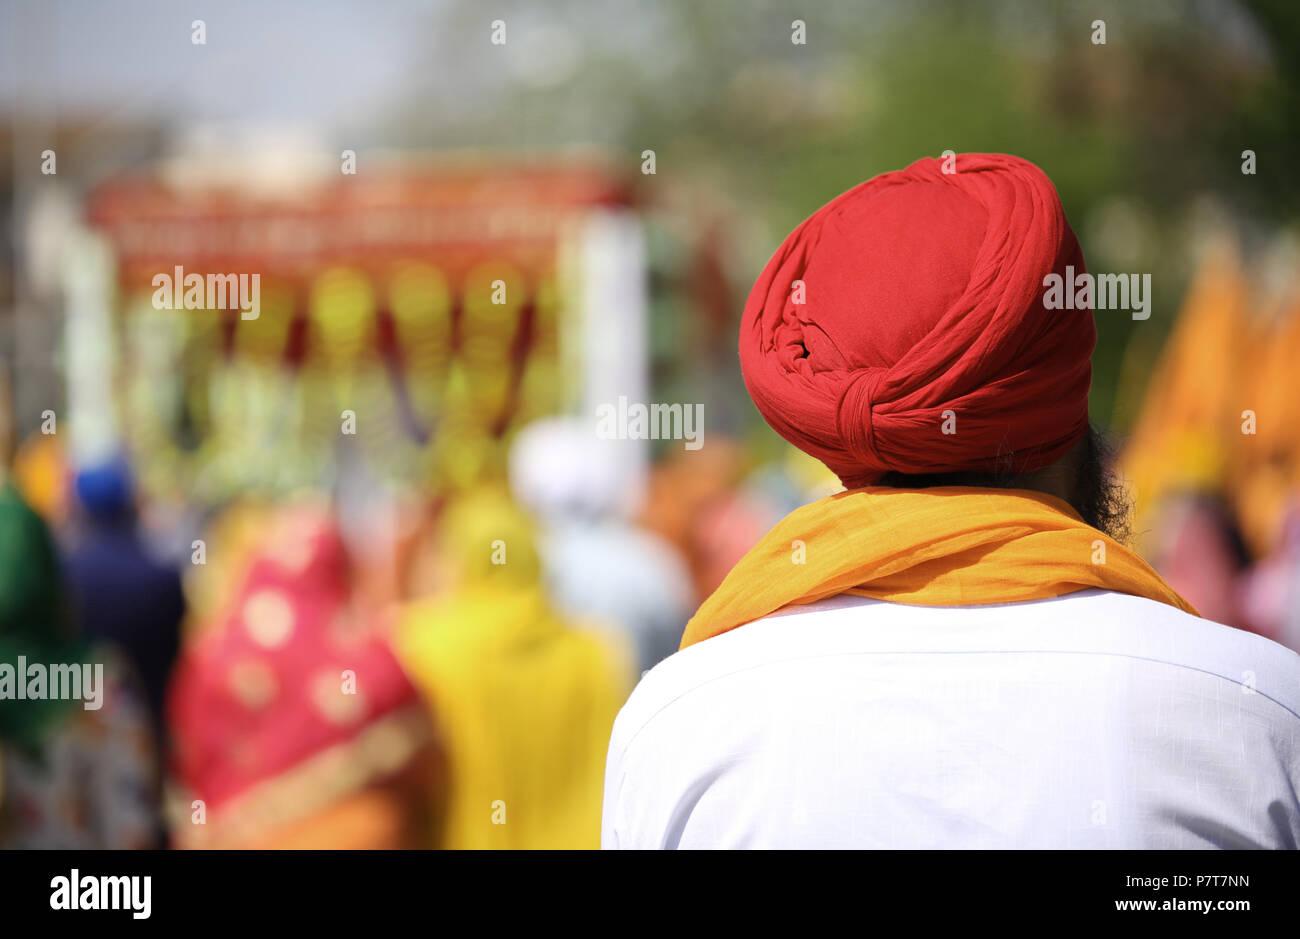 La religione sikh uomo con turbante rosso un importante simbolo religiosi per questa cultura Immagini Stock